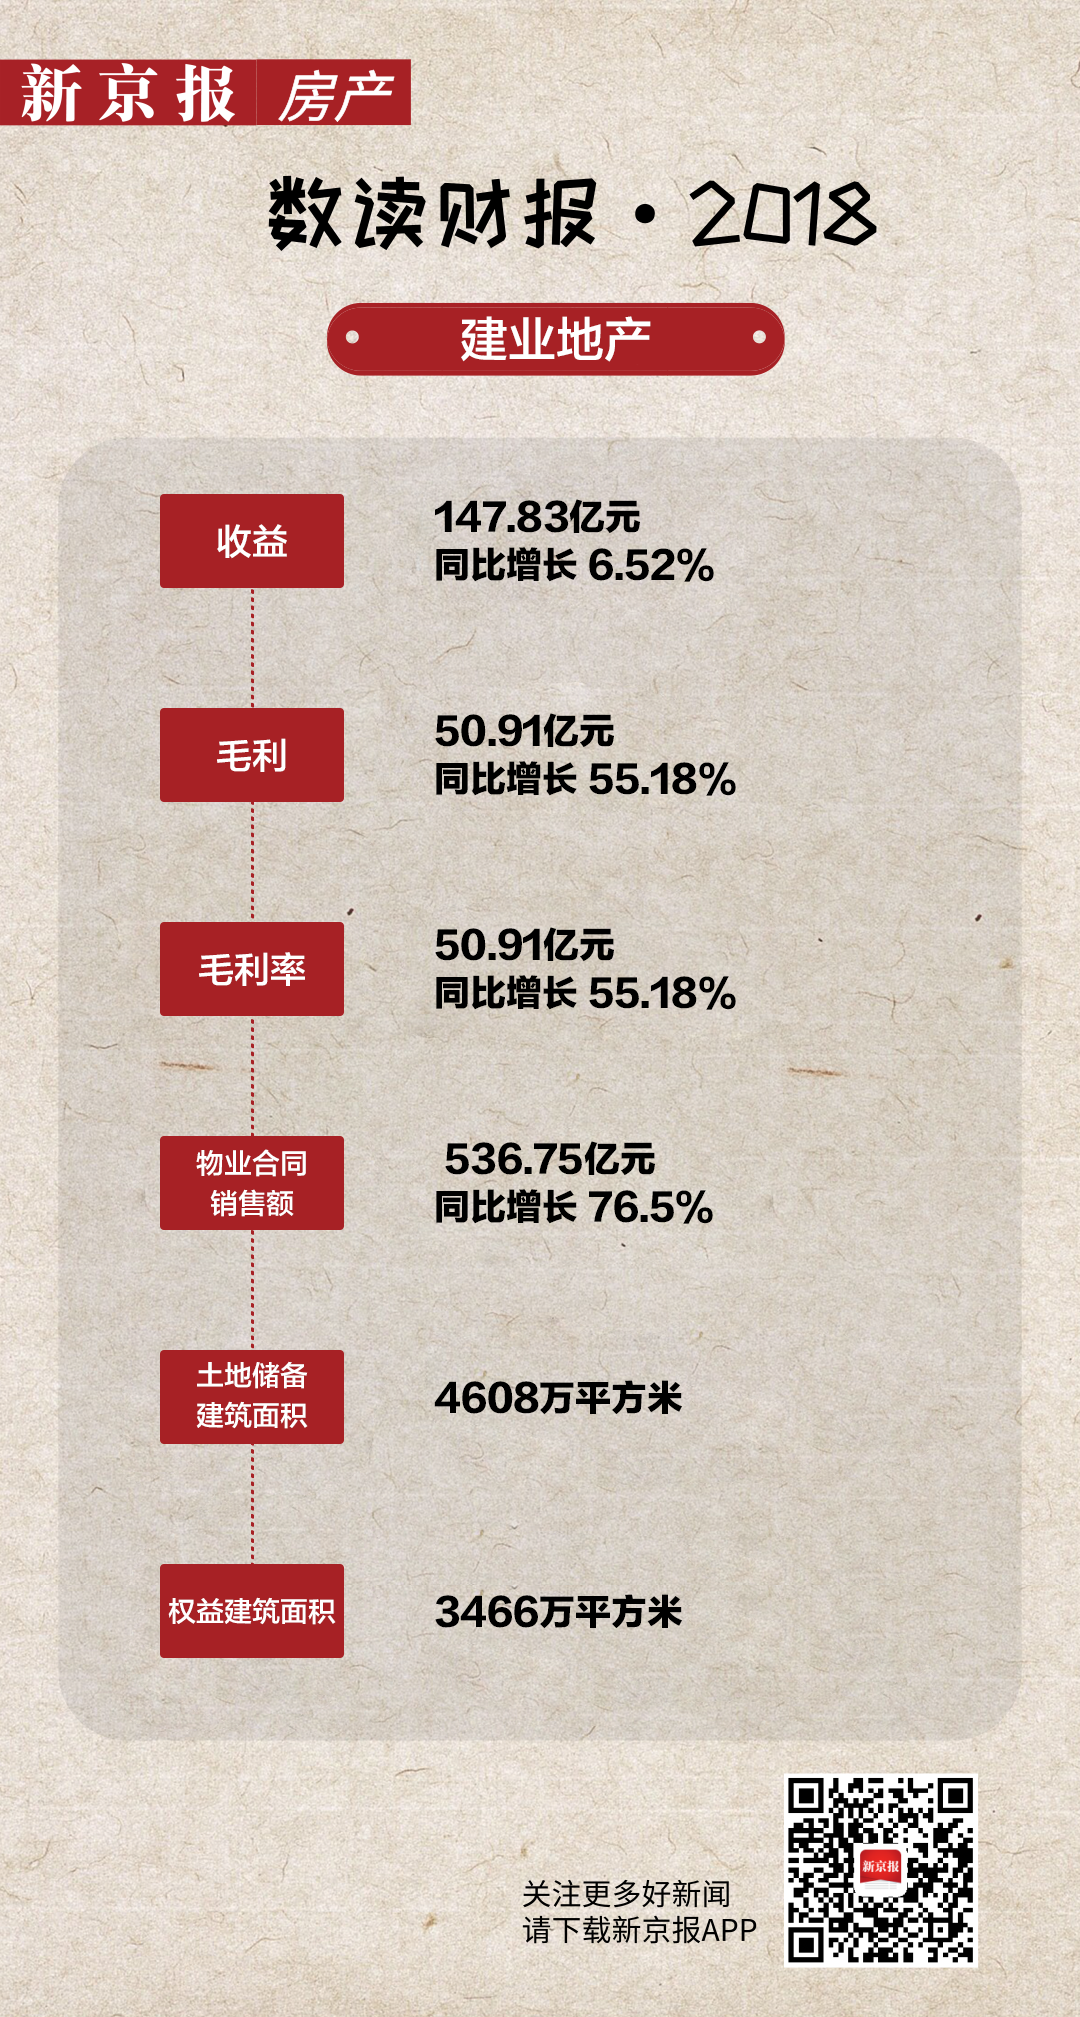 建业地产去年毛利增五成 土储超四千万平方米